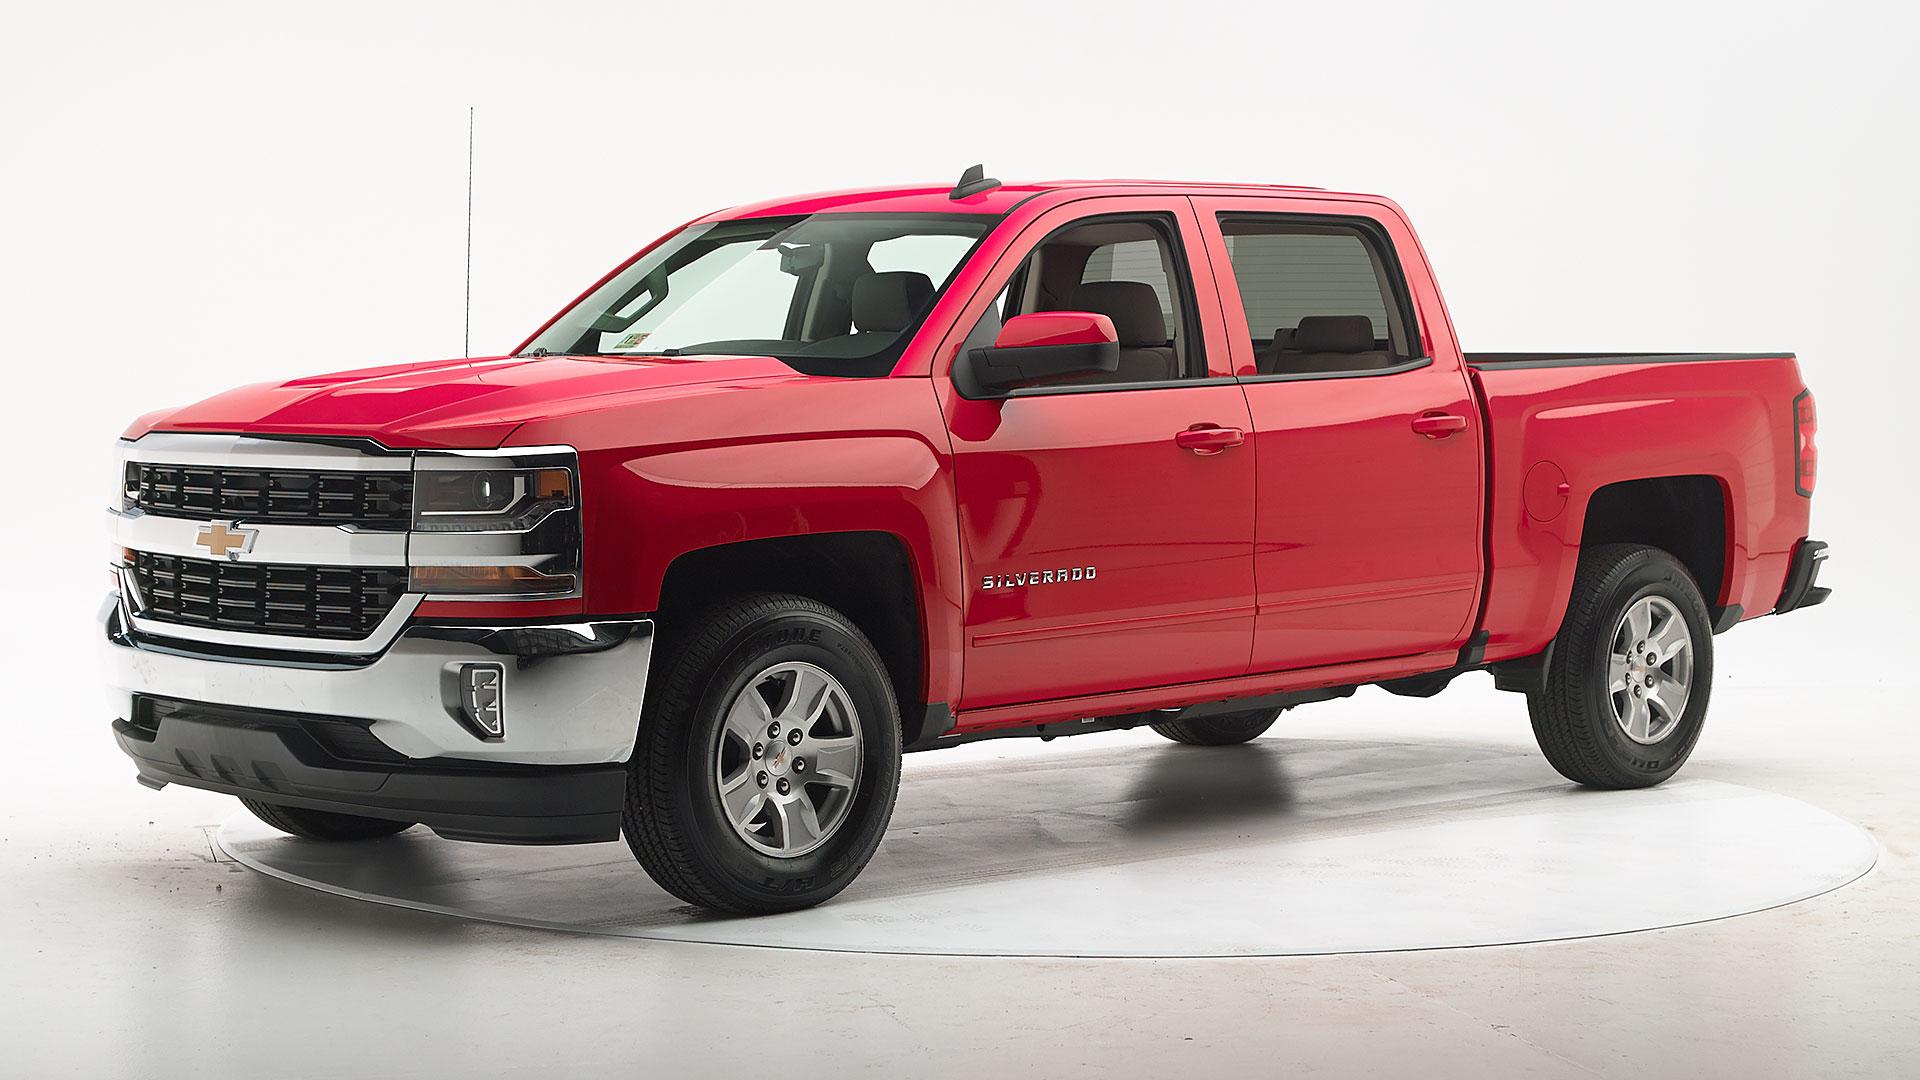 Kelebihan Chevrolet Silverado 2016 Perbandingan Harga